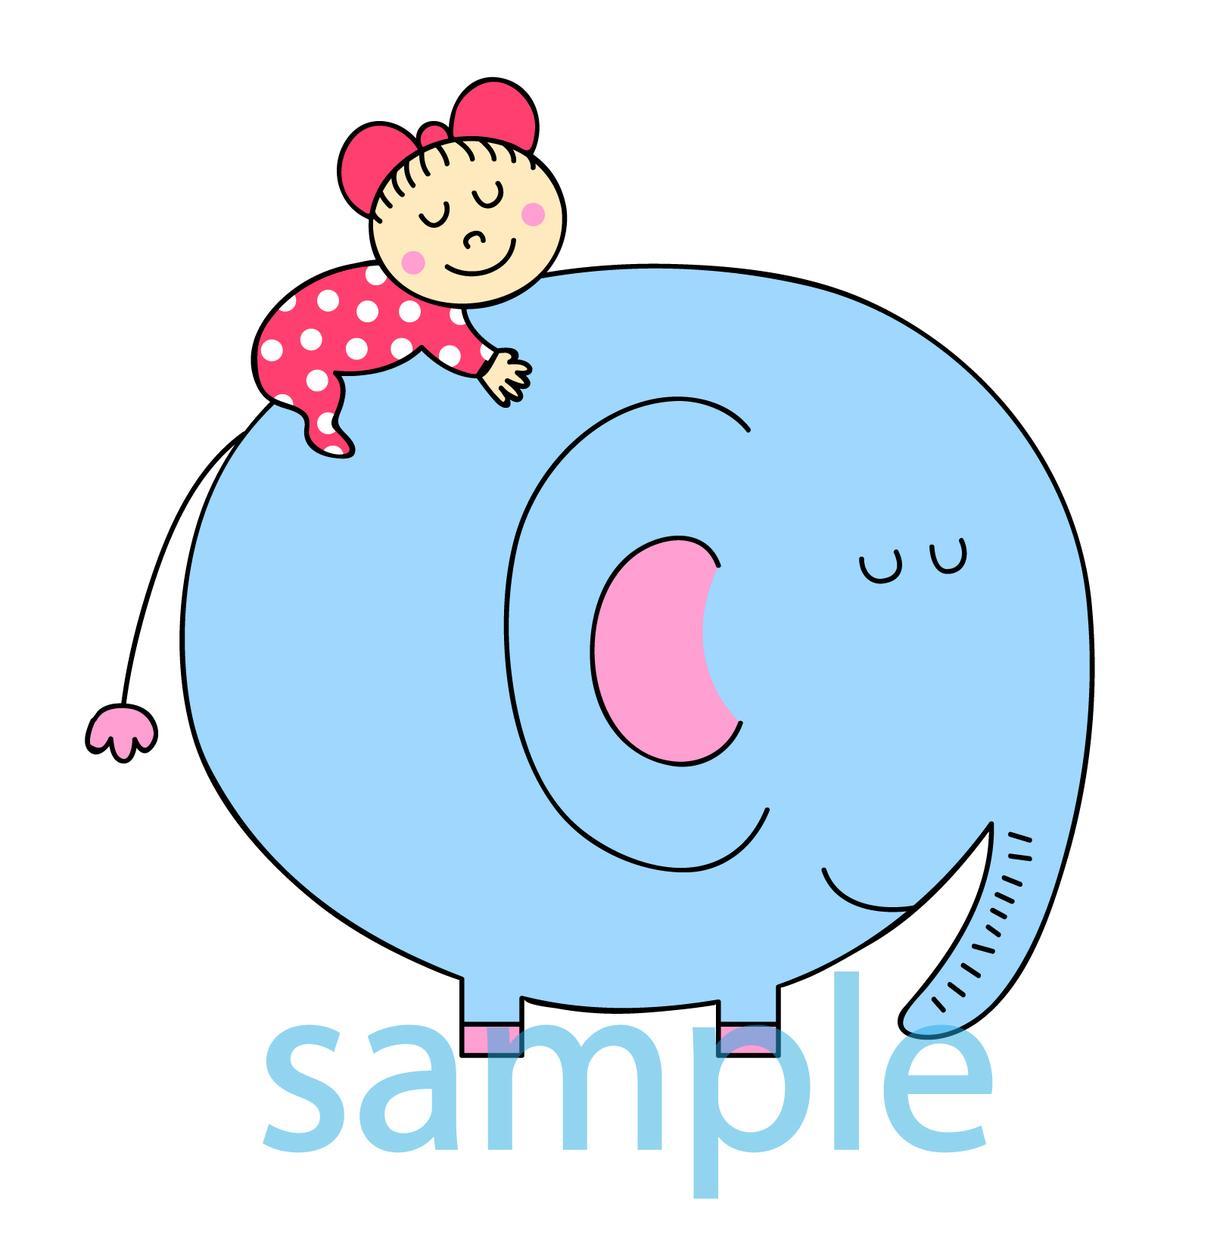 ポップでかわいいキャラクターを作ります 企業や店舗のキャラクターを作りたいと思っている方必見